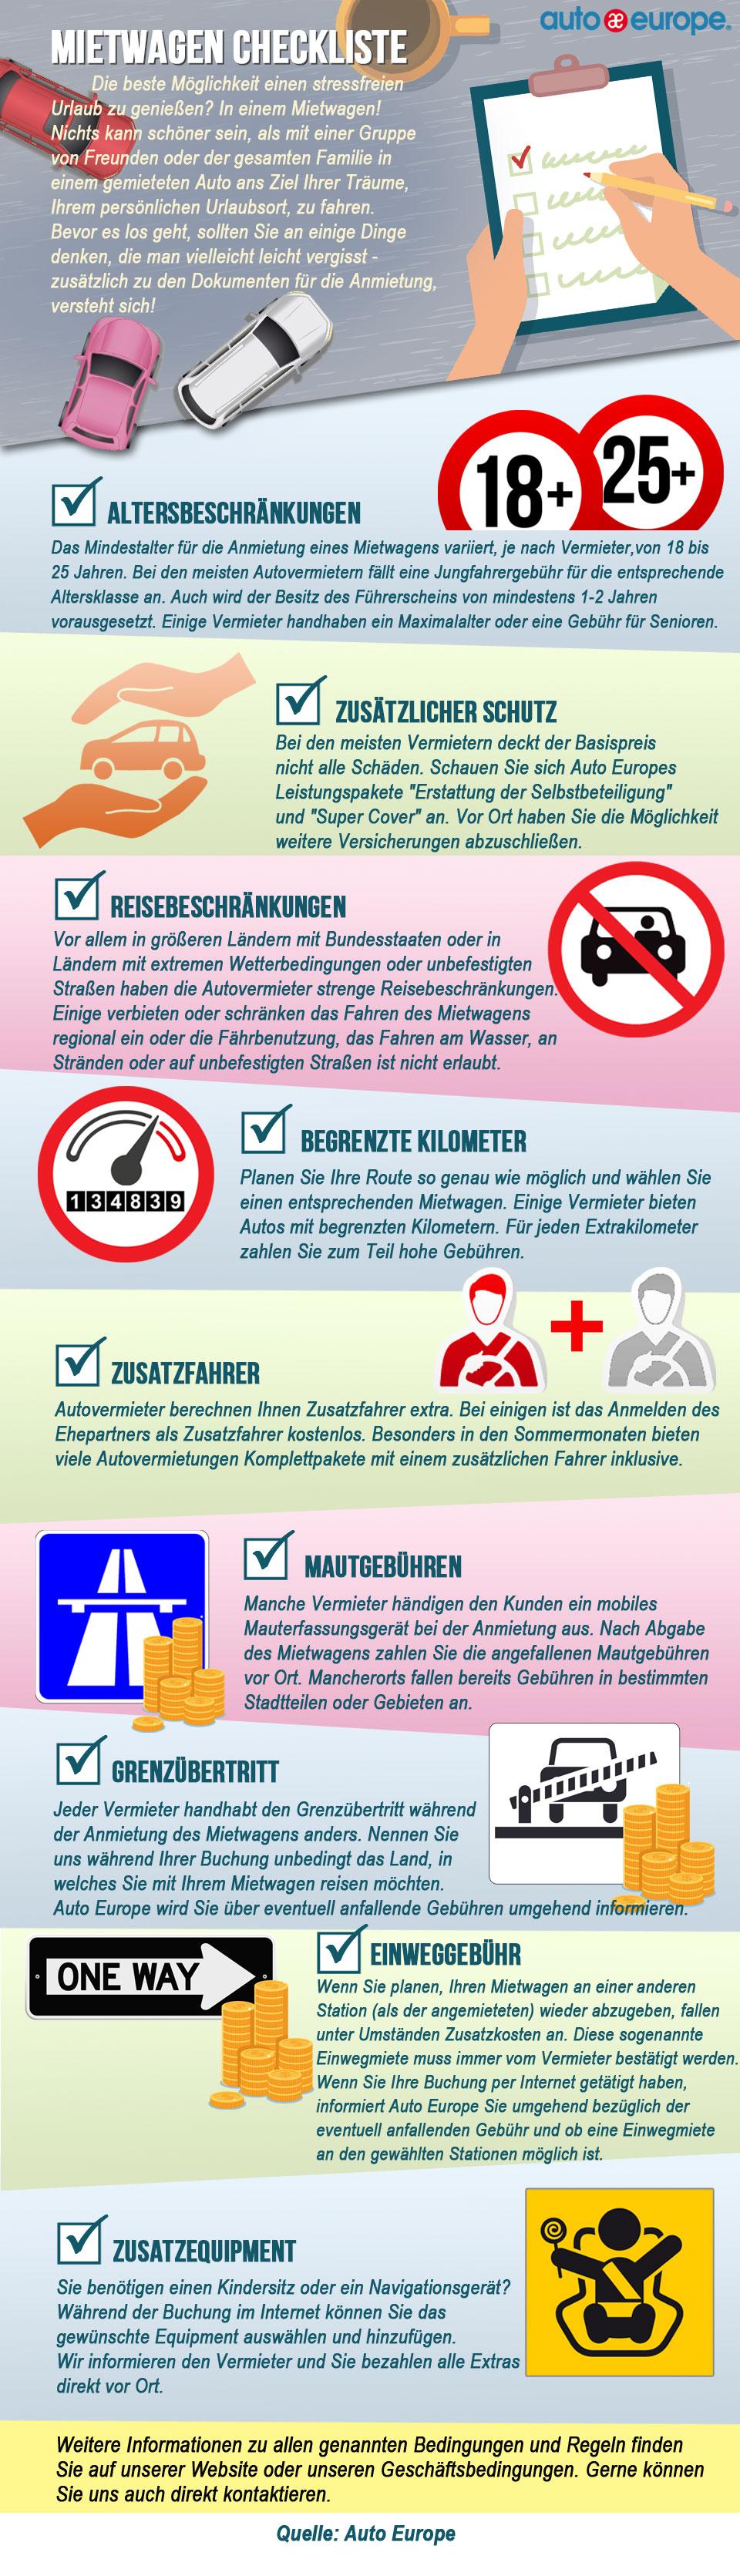 Mietwagen Checkliste